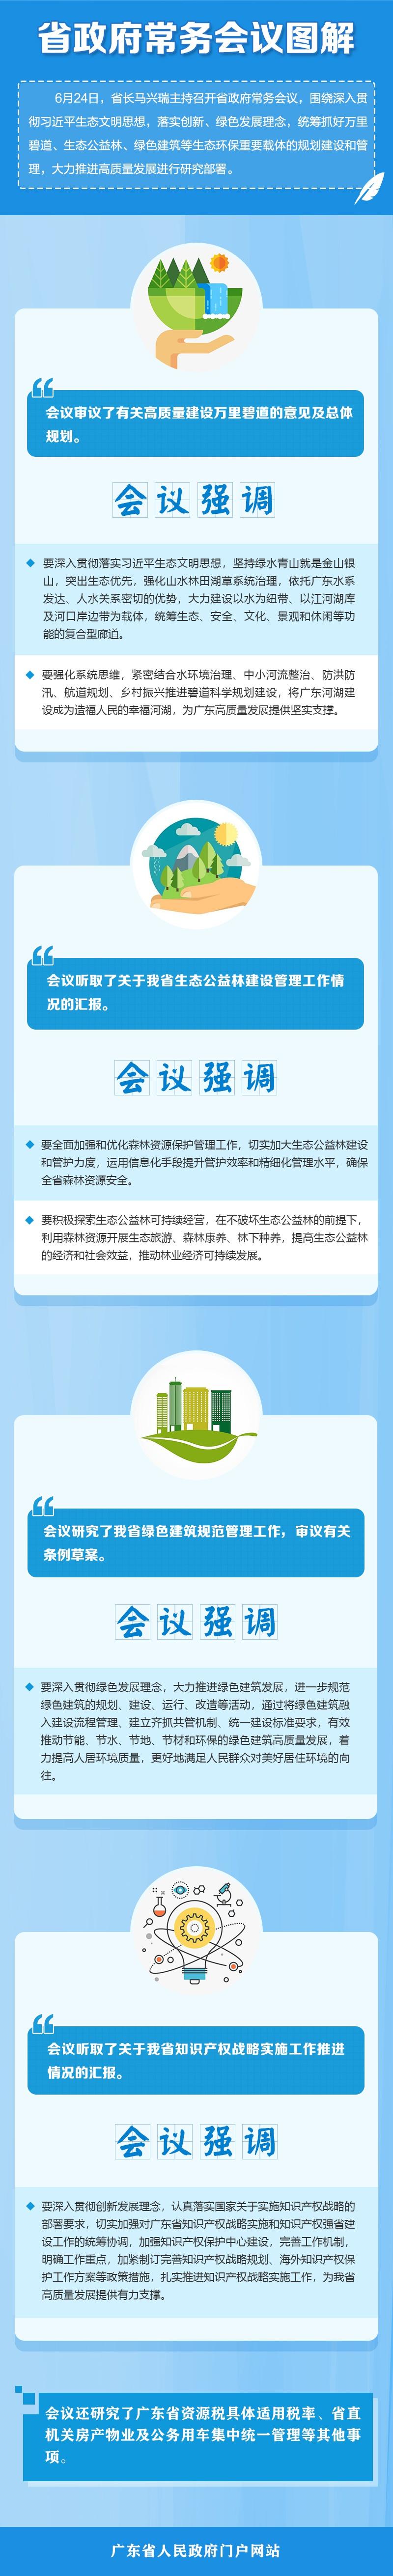 省政府常务会议20杏悦代理2,杏悦代理图片